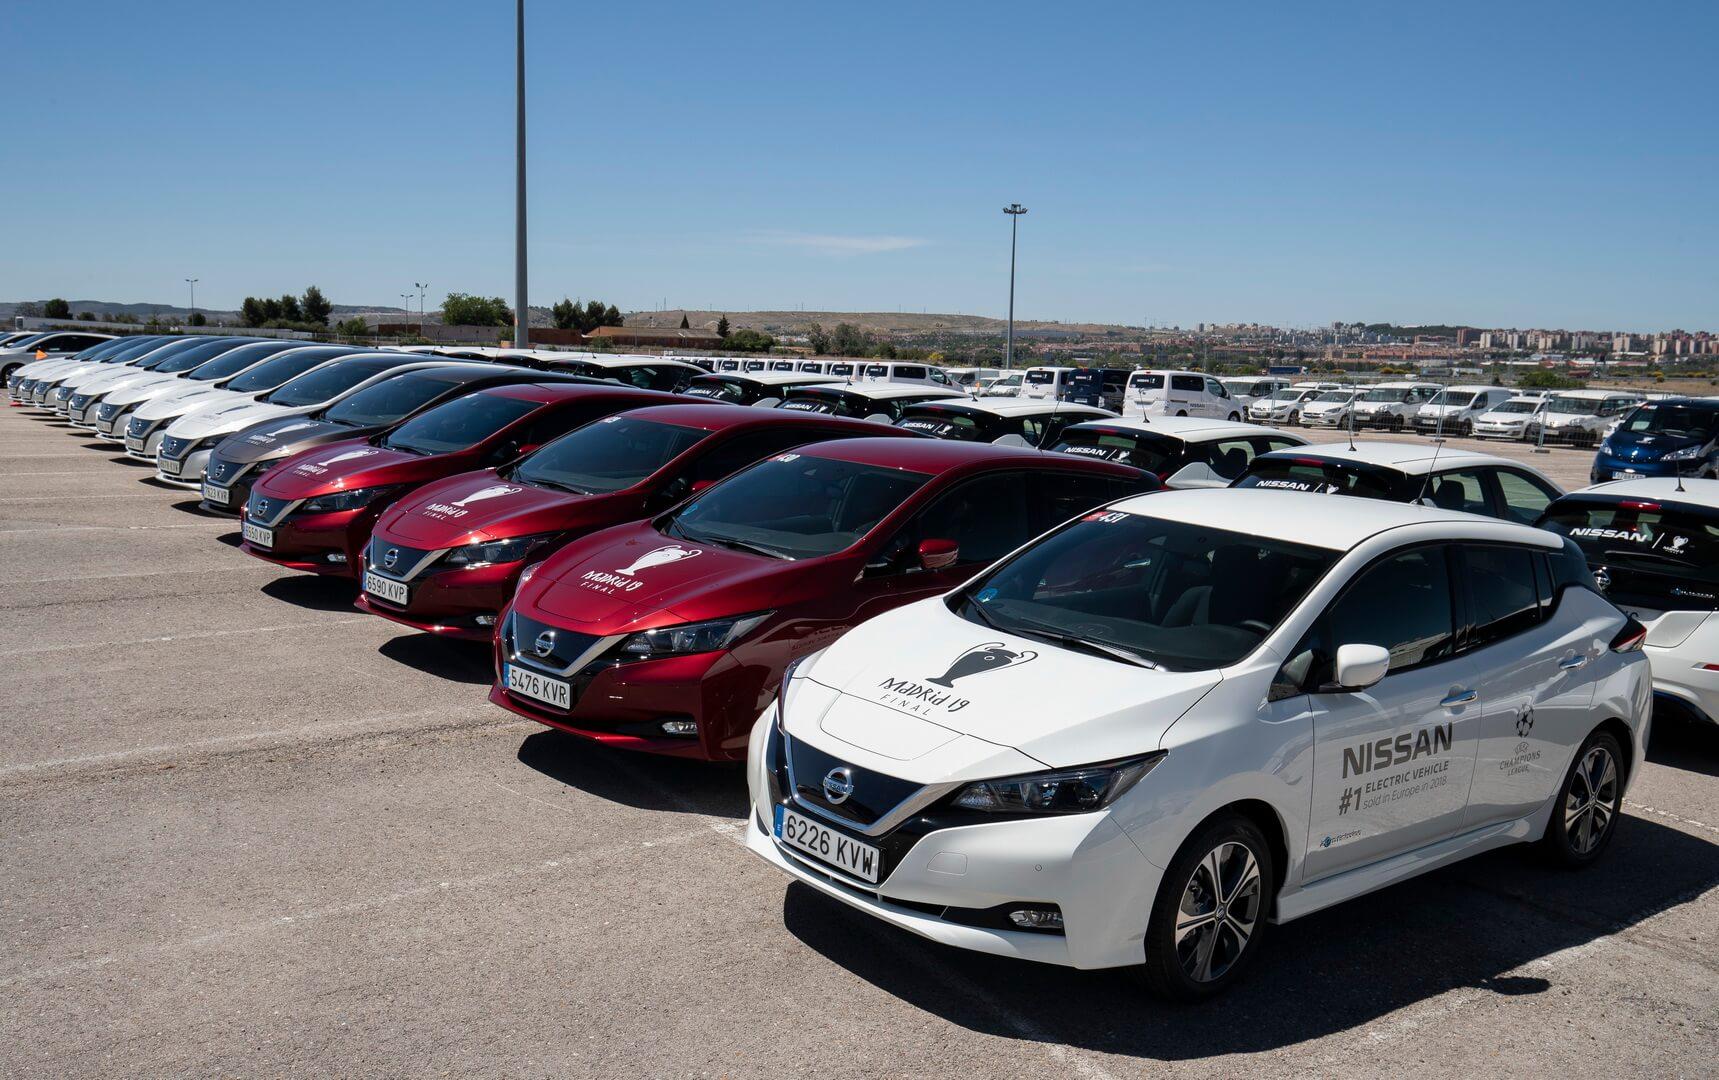 363 электрокара Nissan обслуживали финал Лиги чемпионов